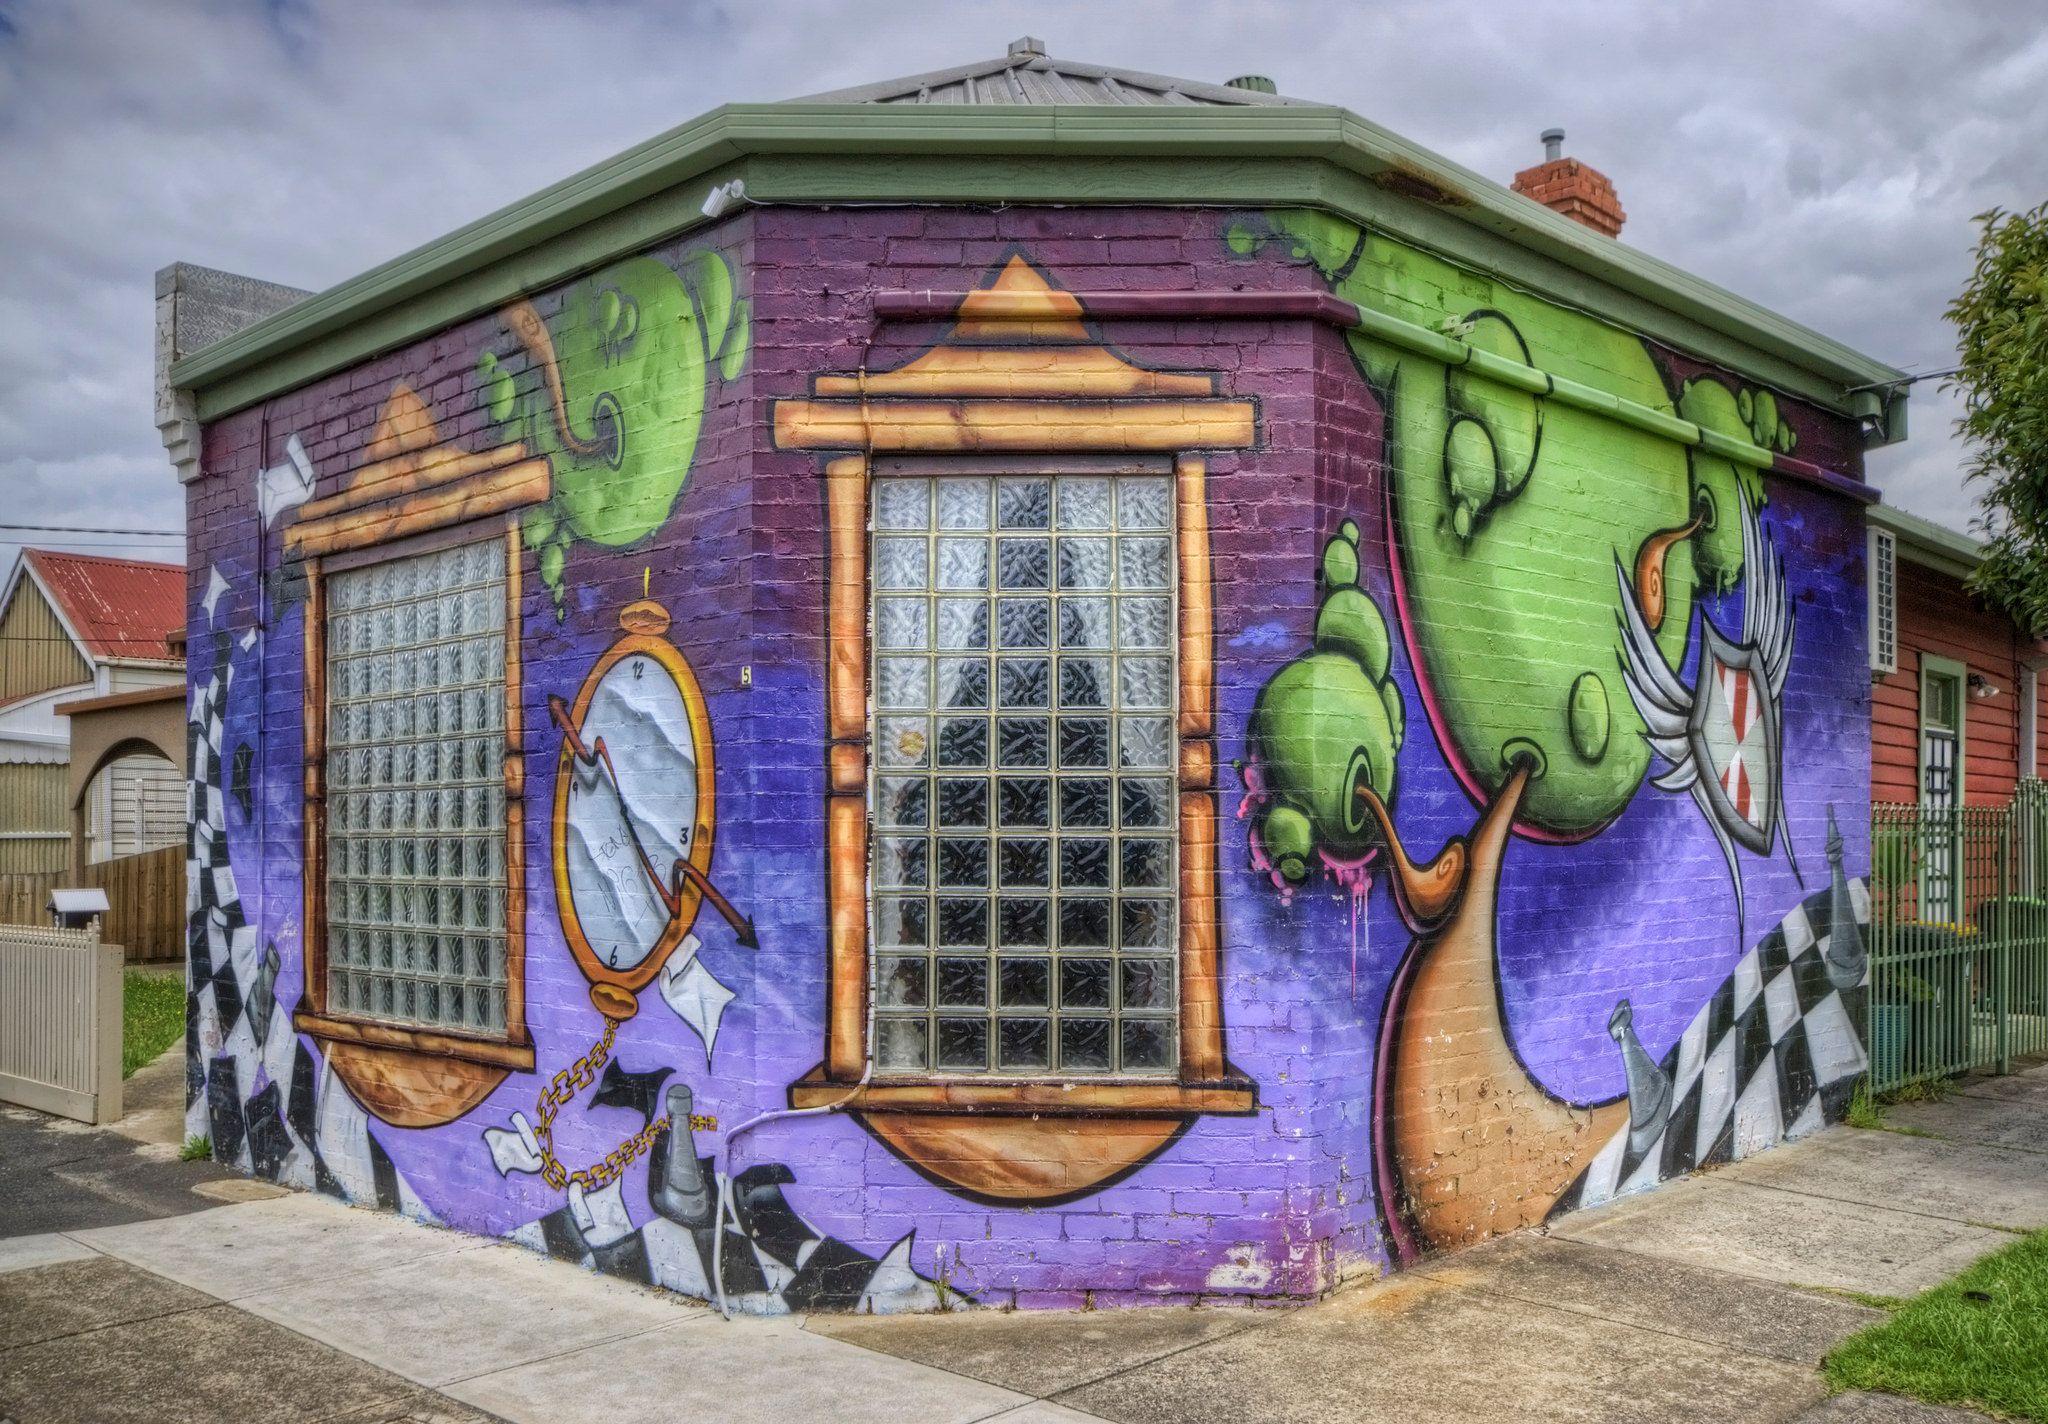 Suburban street art